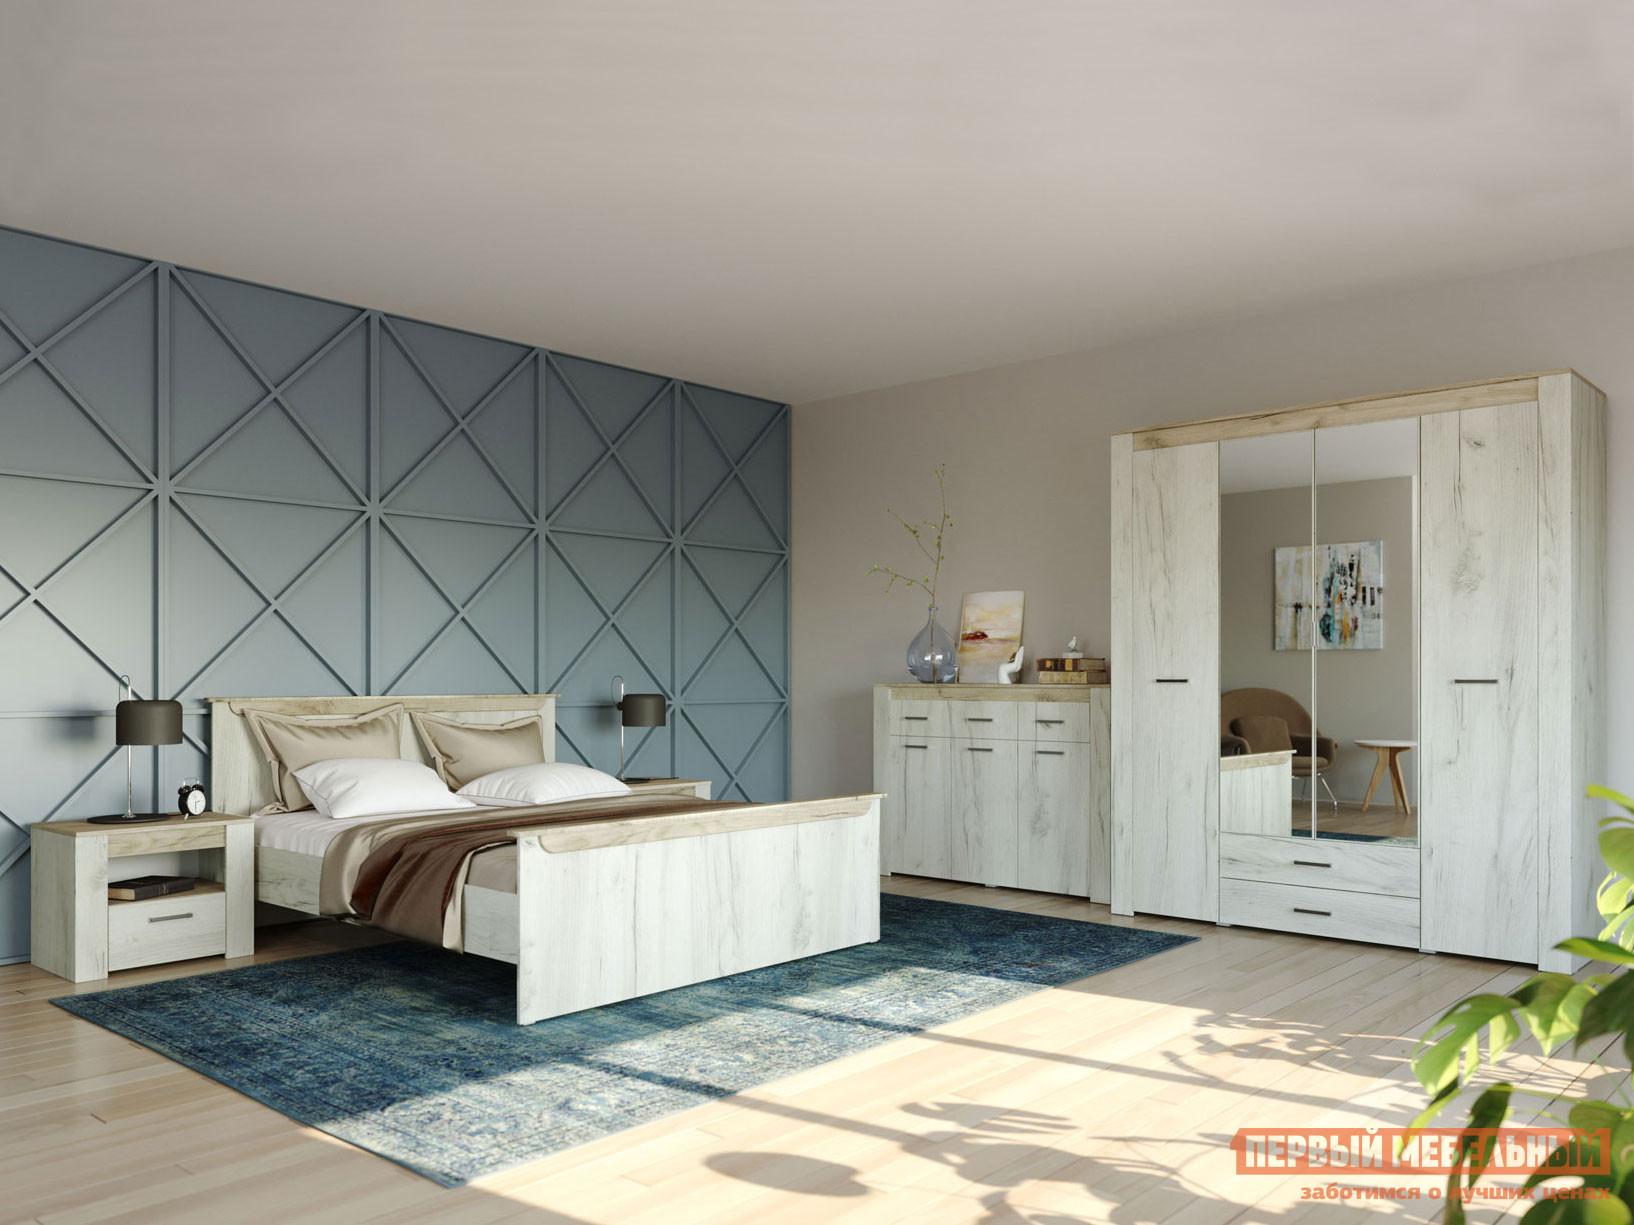 Спальный гарнитур НК-Мебель Комплект мебели для спальни Прага К1 спальный гарнитур нк мебель комплект мебели для спальни тиберия к2